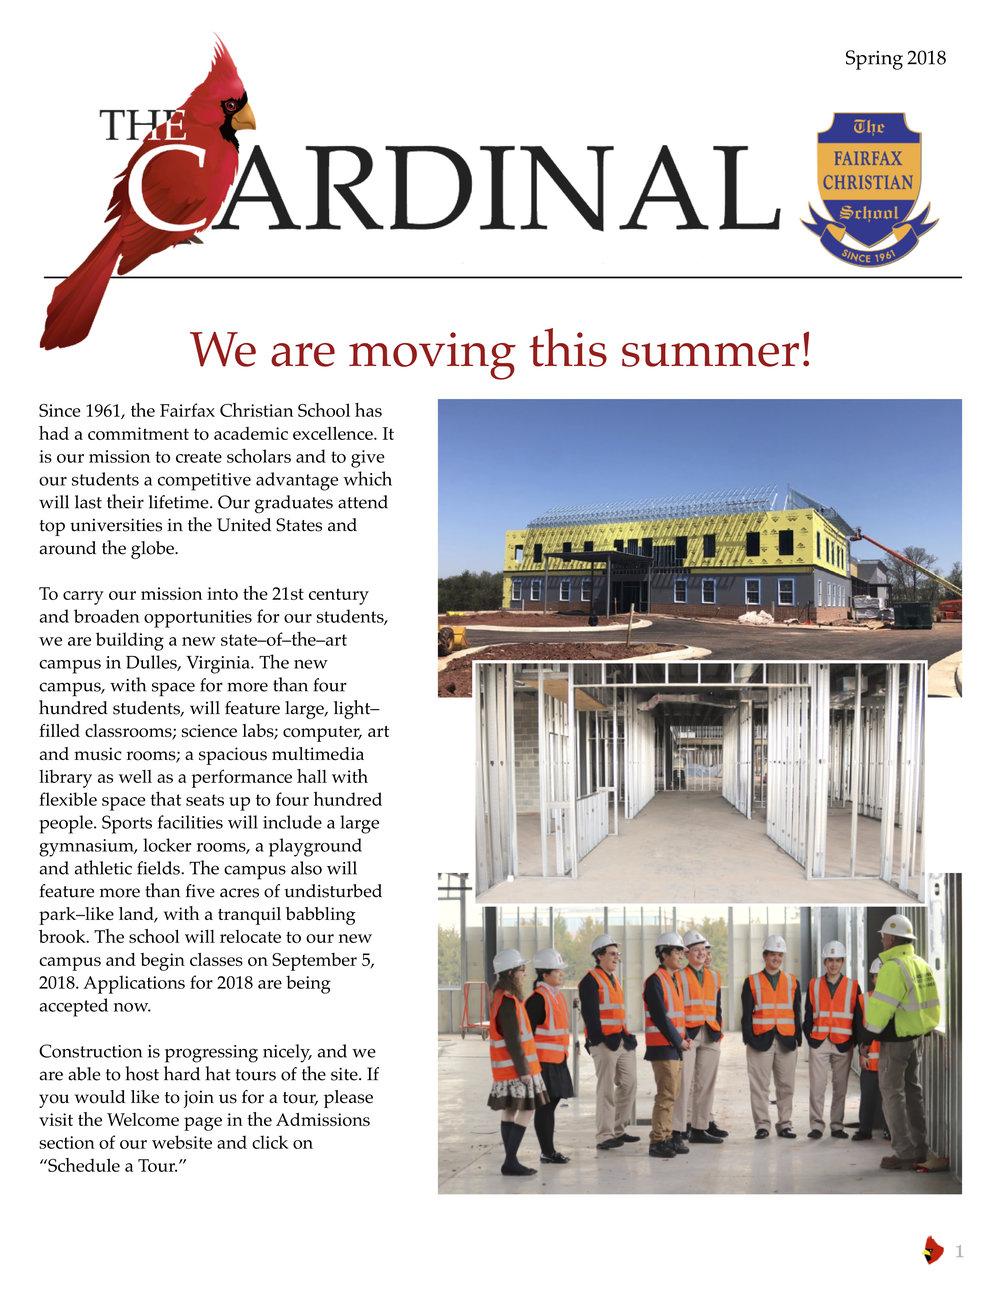 The Cardinal Spring 2018